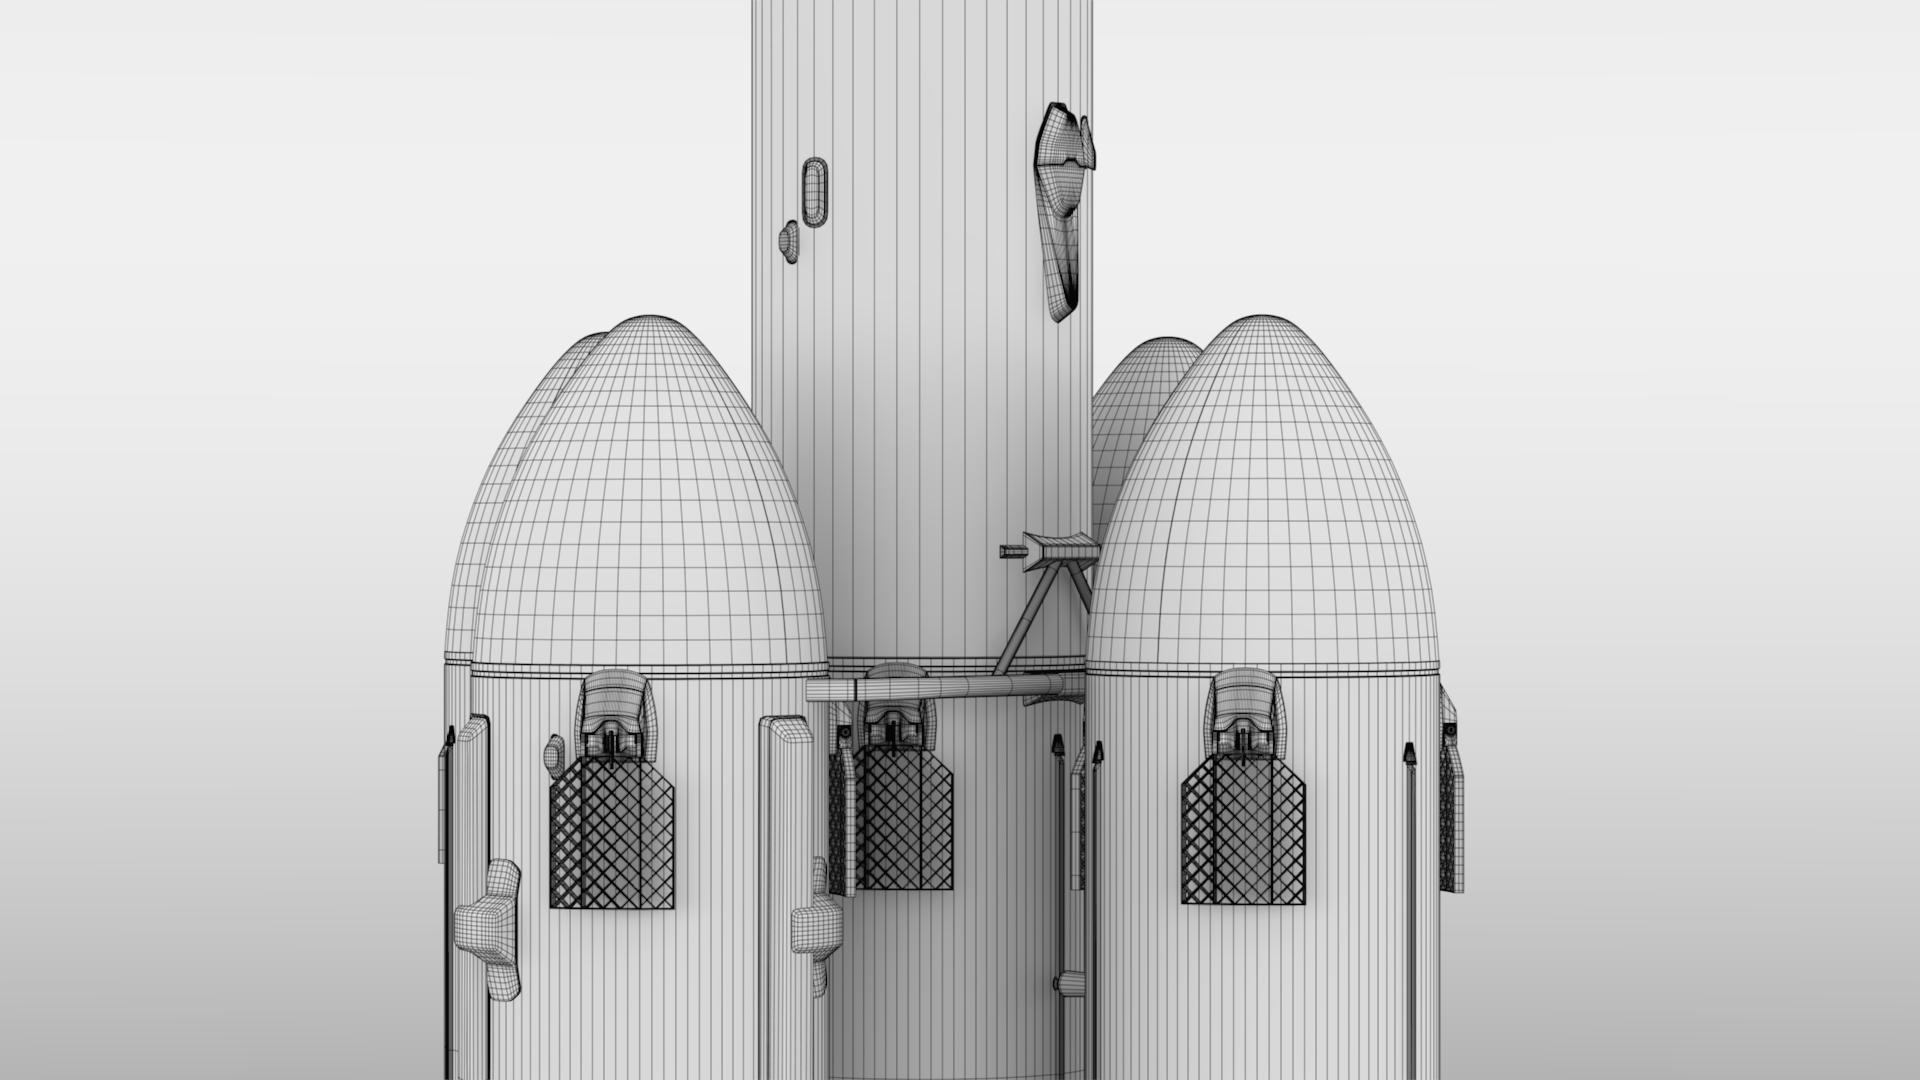 falcon super heavy v1.2 3d model max fbx c4d lwo ma mb hrc xsi obj 277931